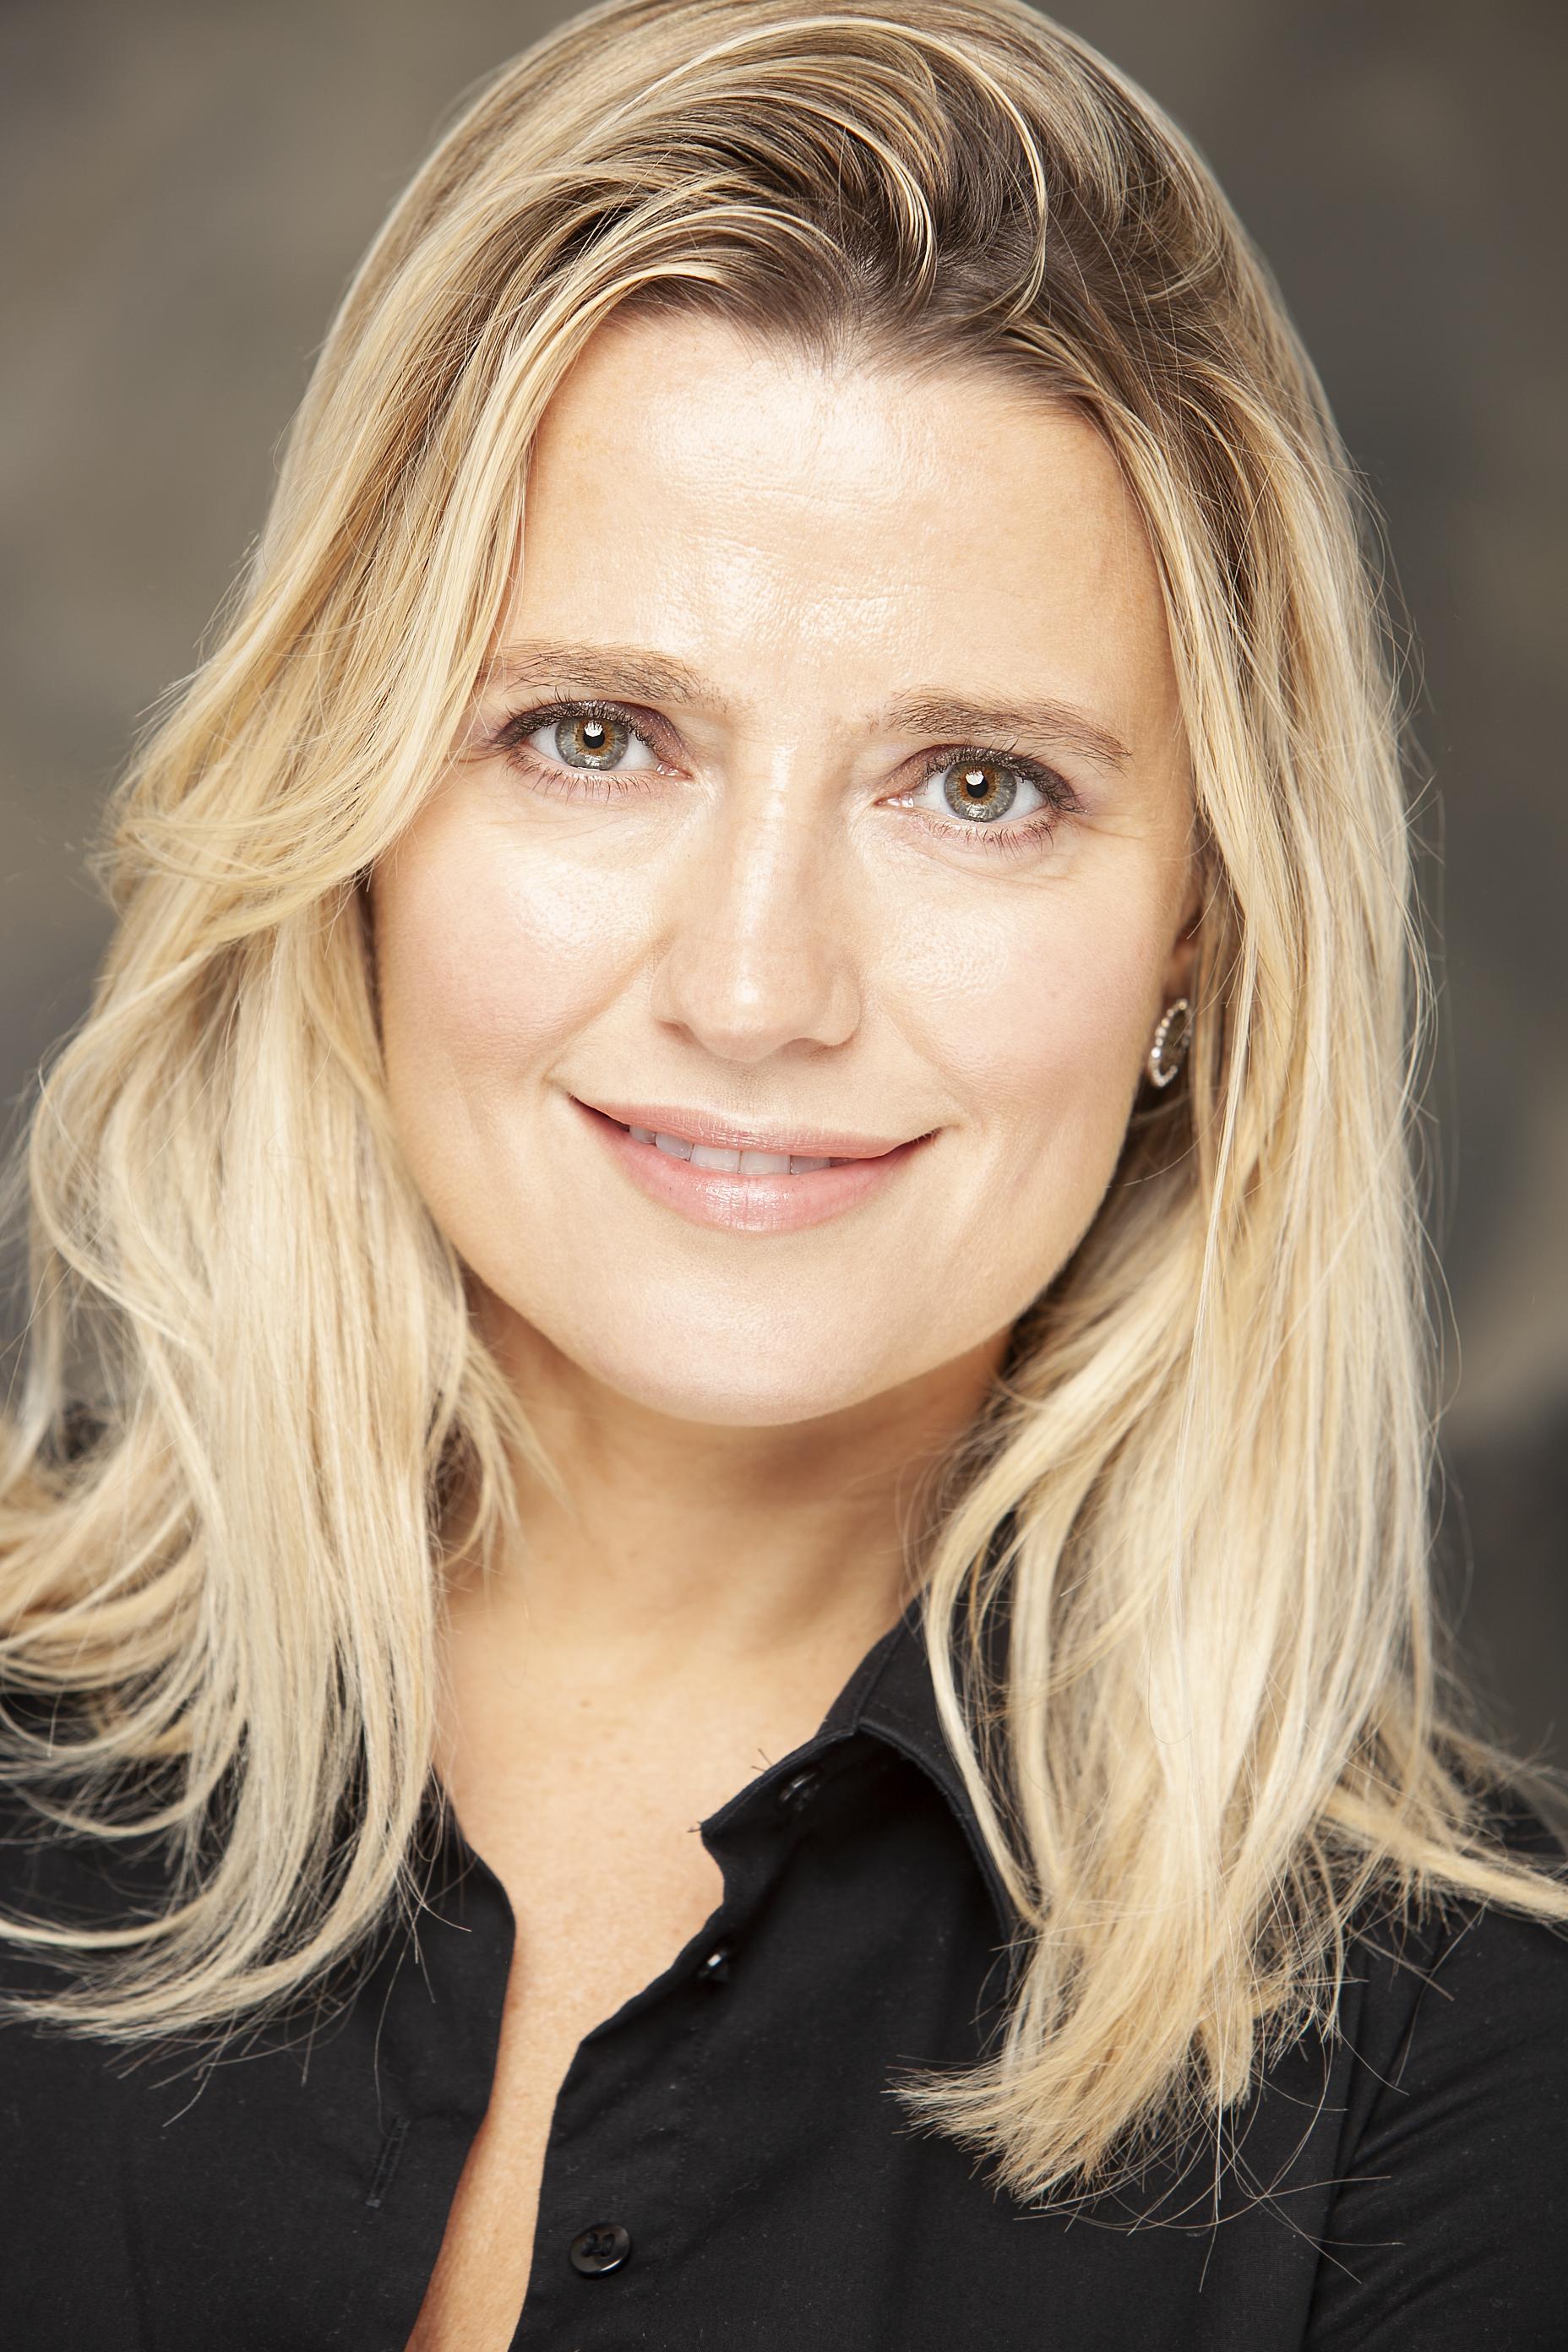 Rachel Wilde